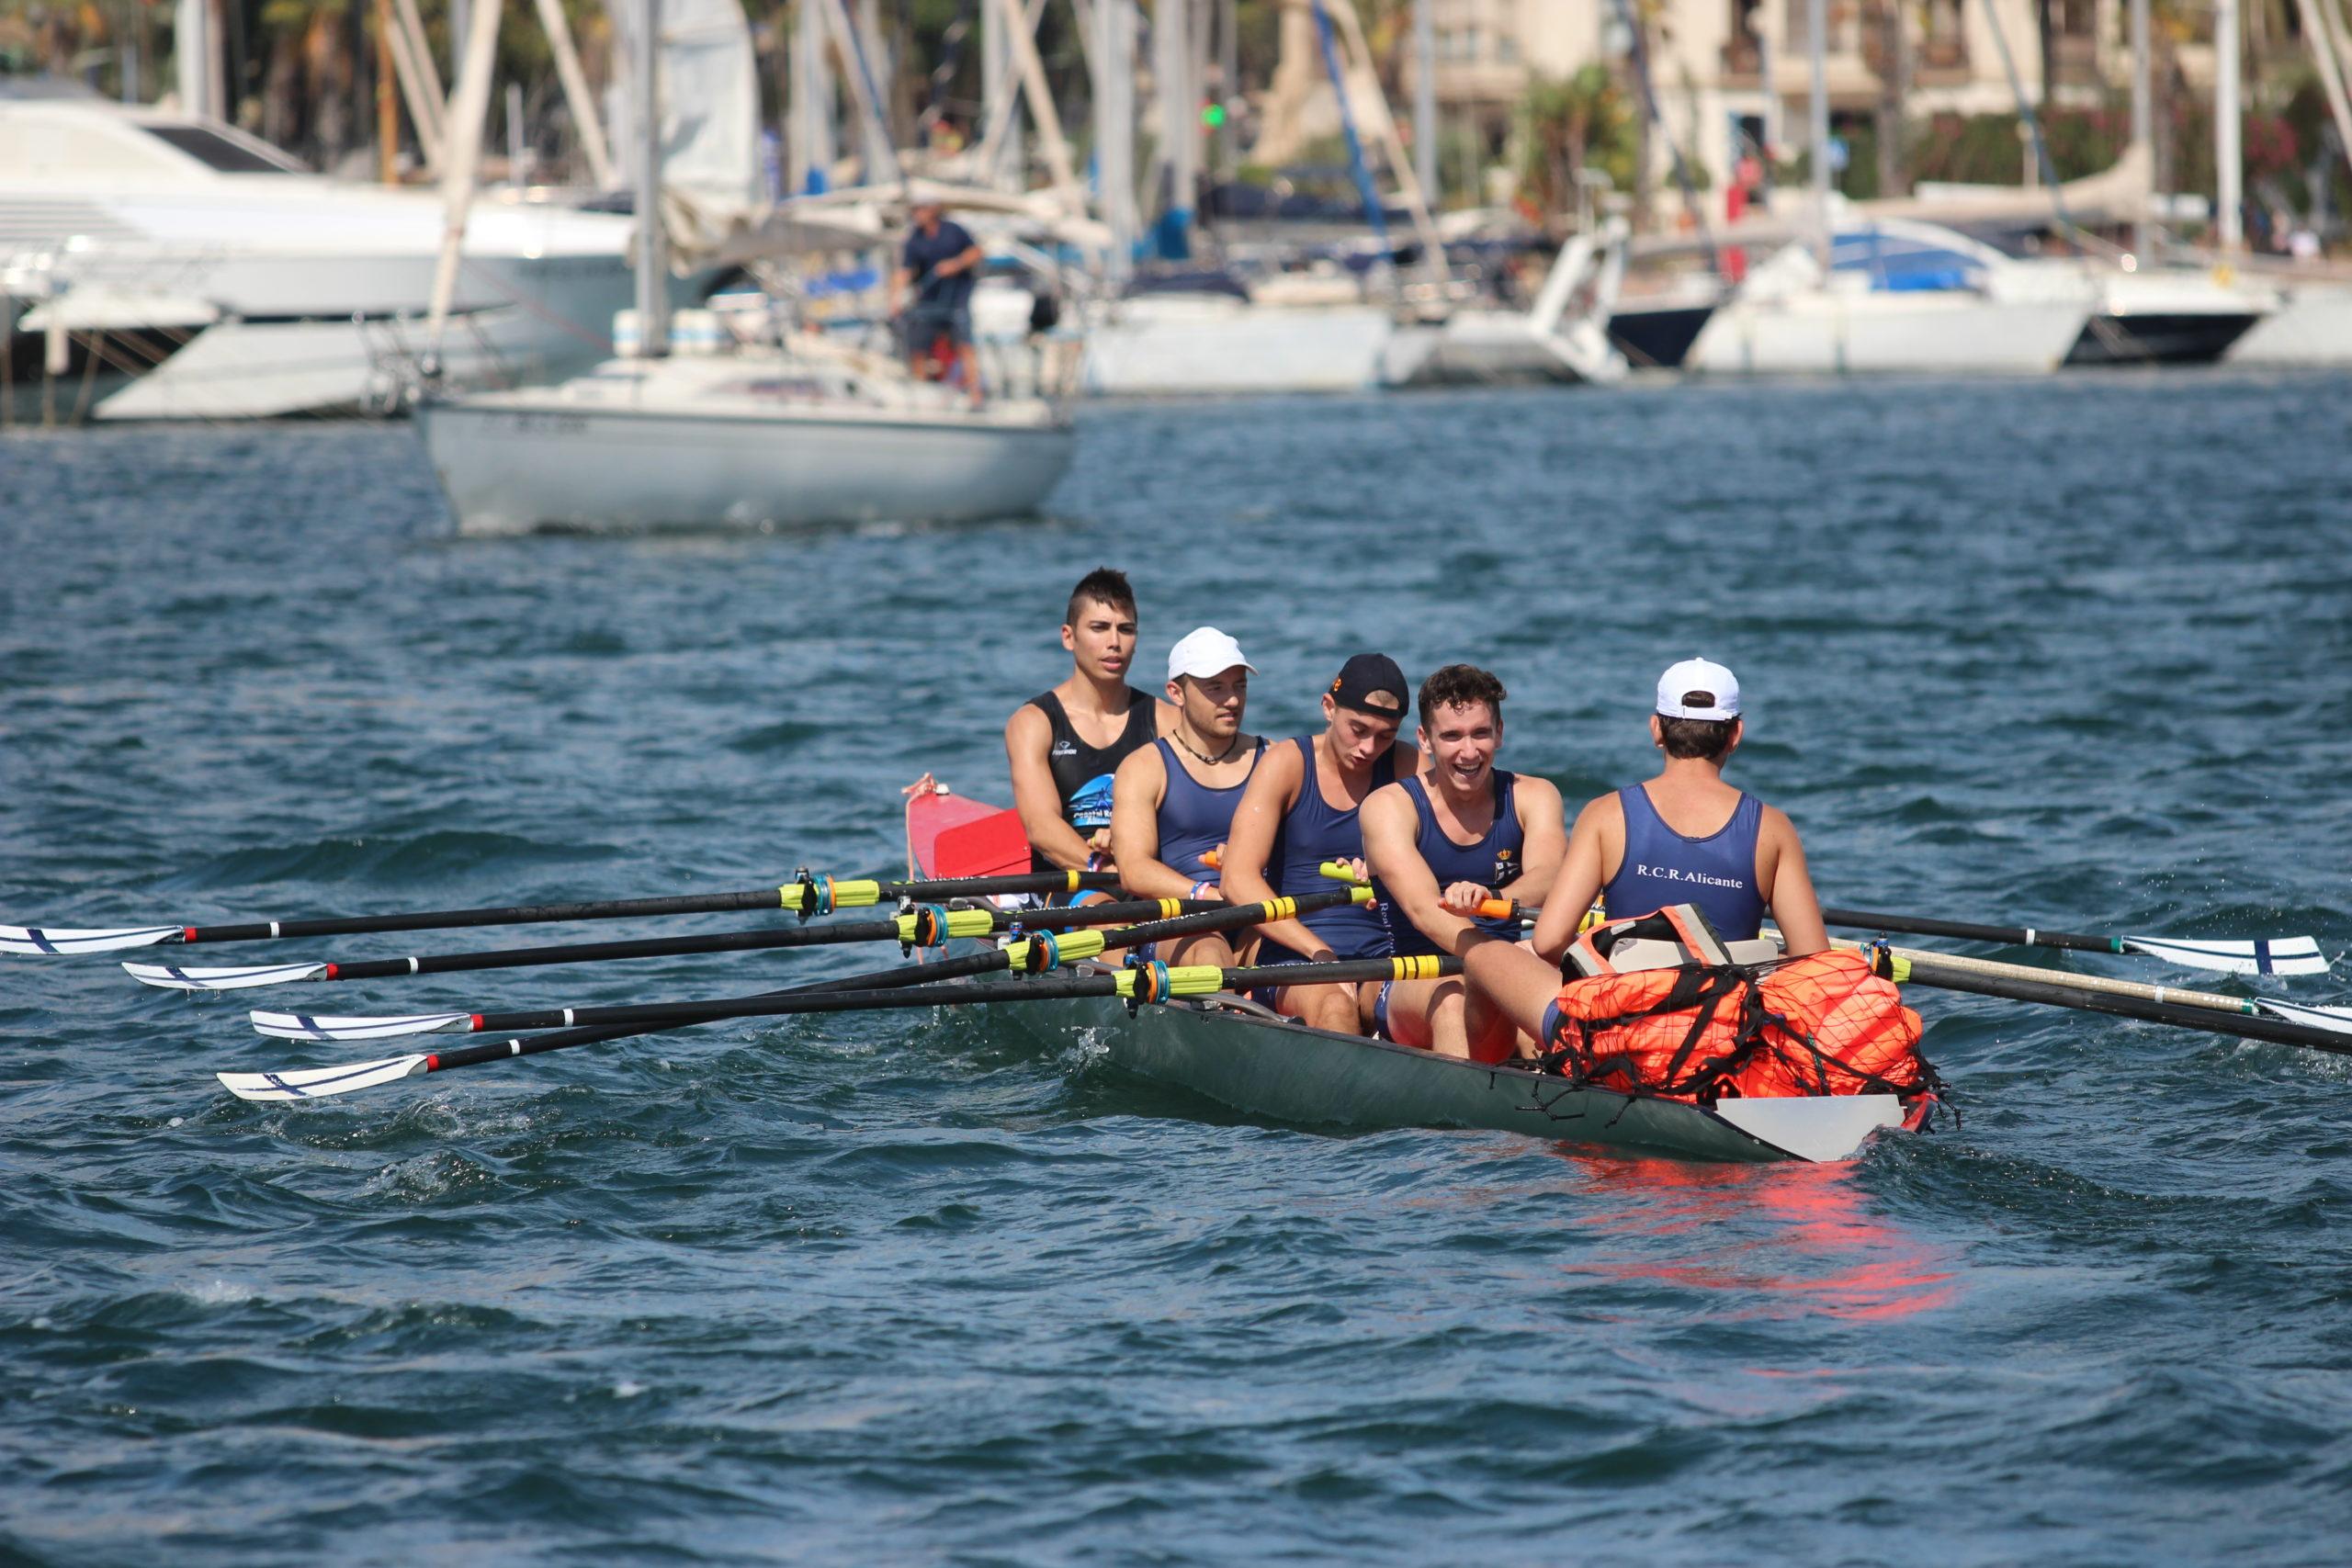 Los deportistas llegando a puerto   RCRA